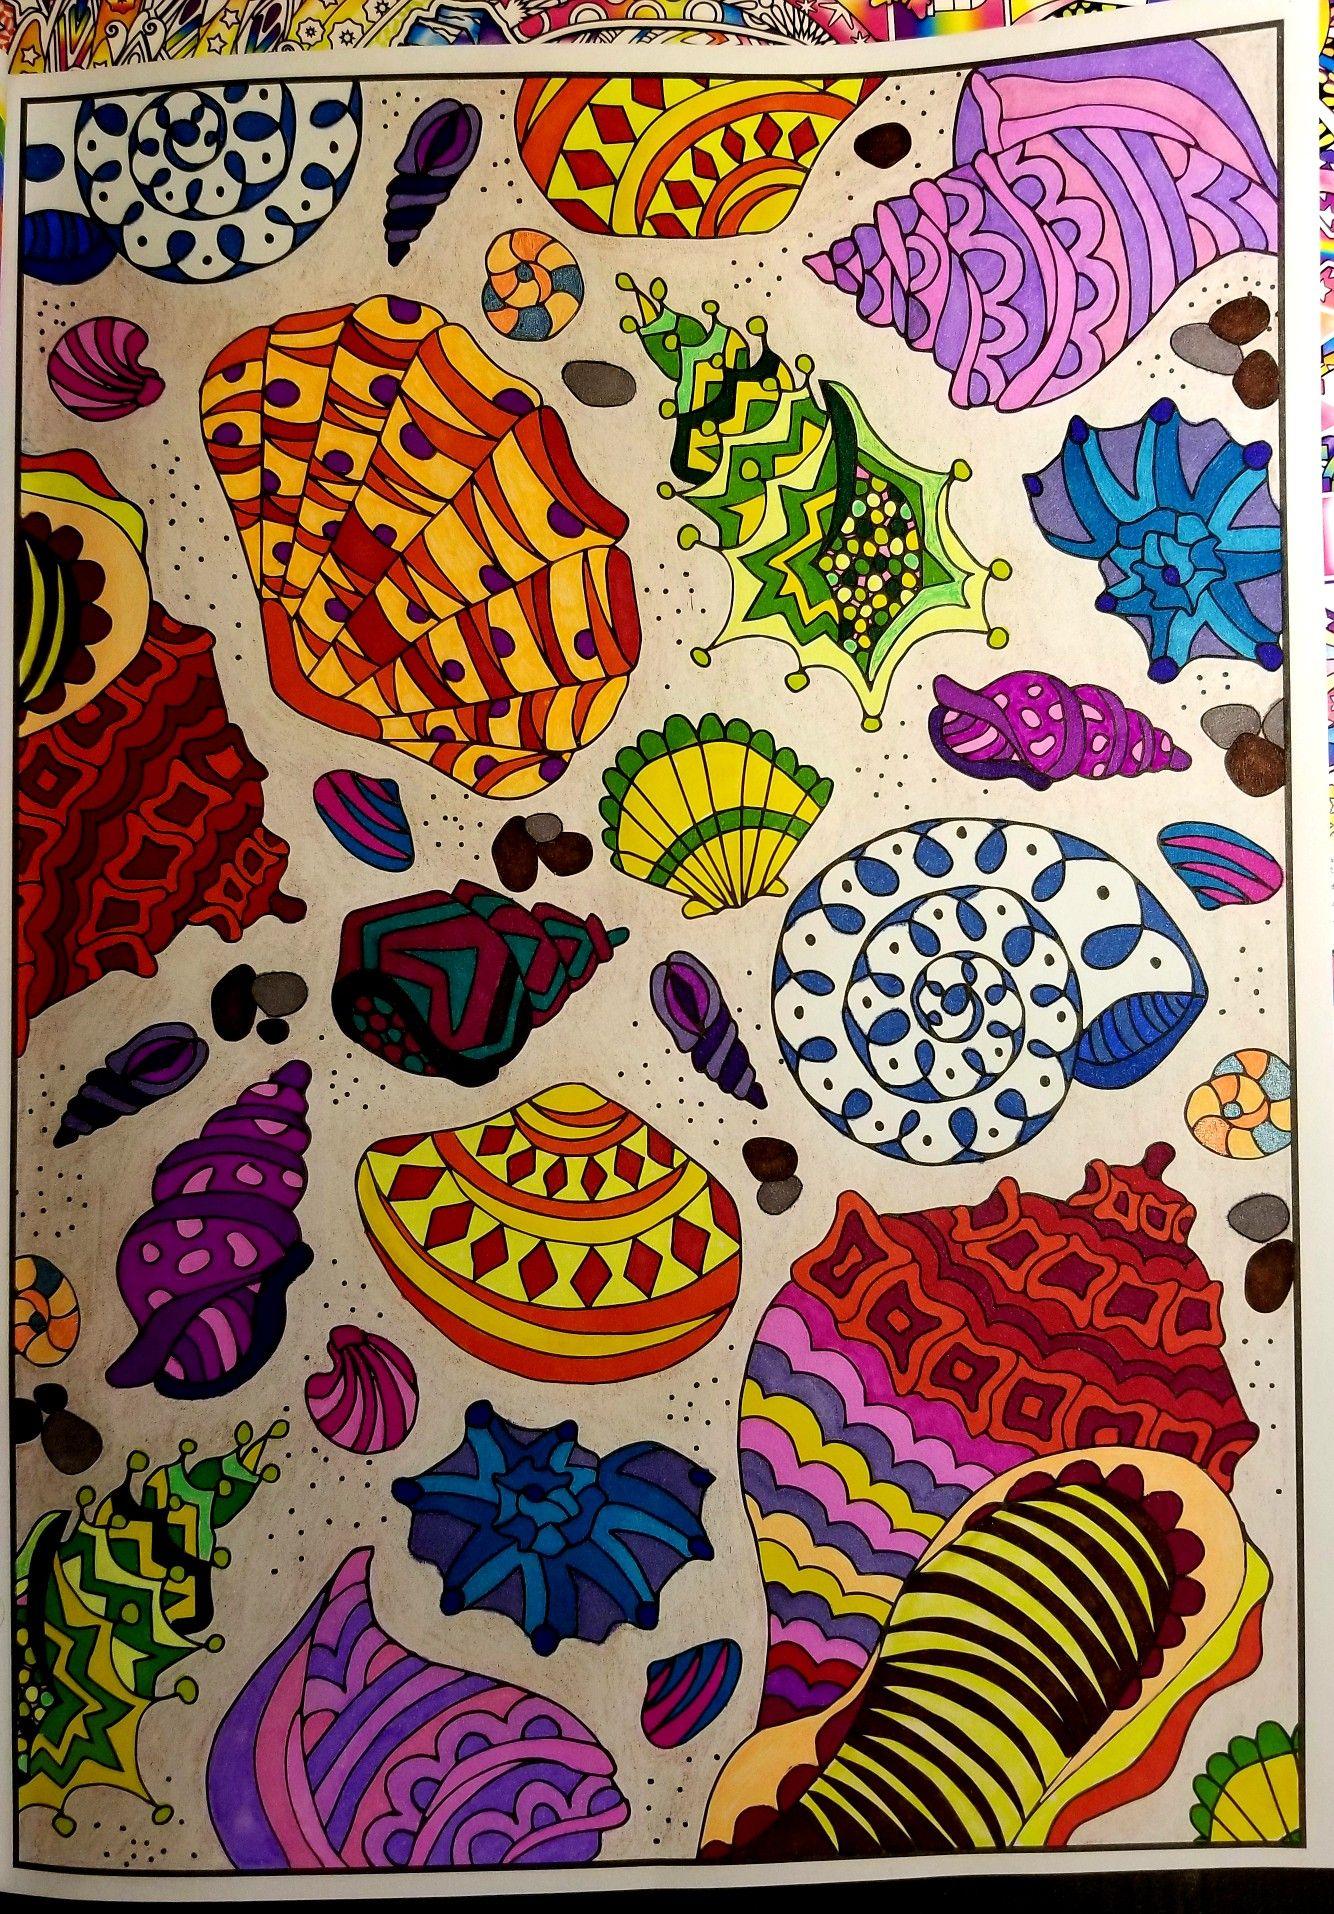 Magical Mermaids Coloring Book Art Mermaid Coloring Book Zen Doodle Patterns